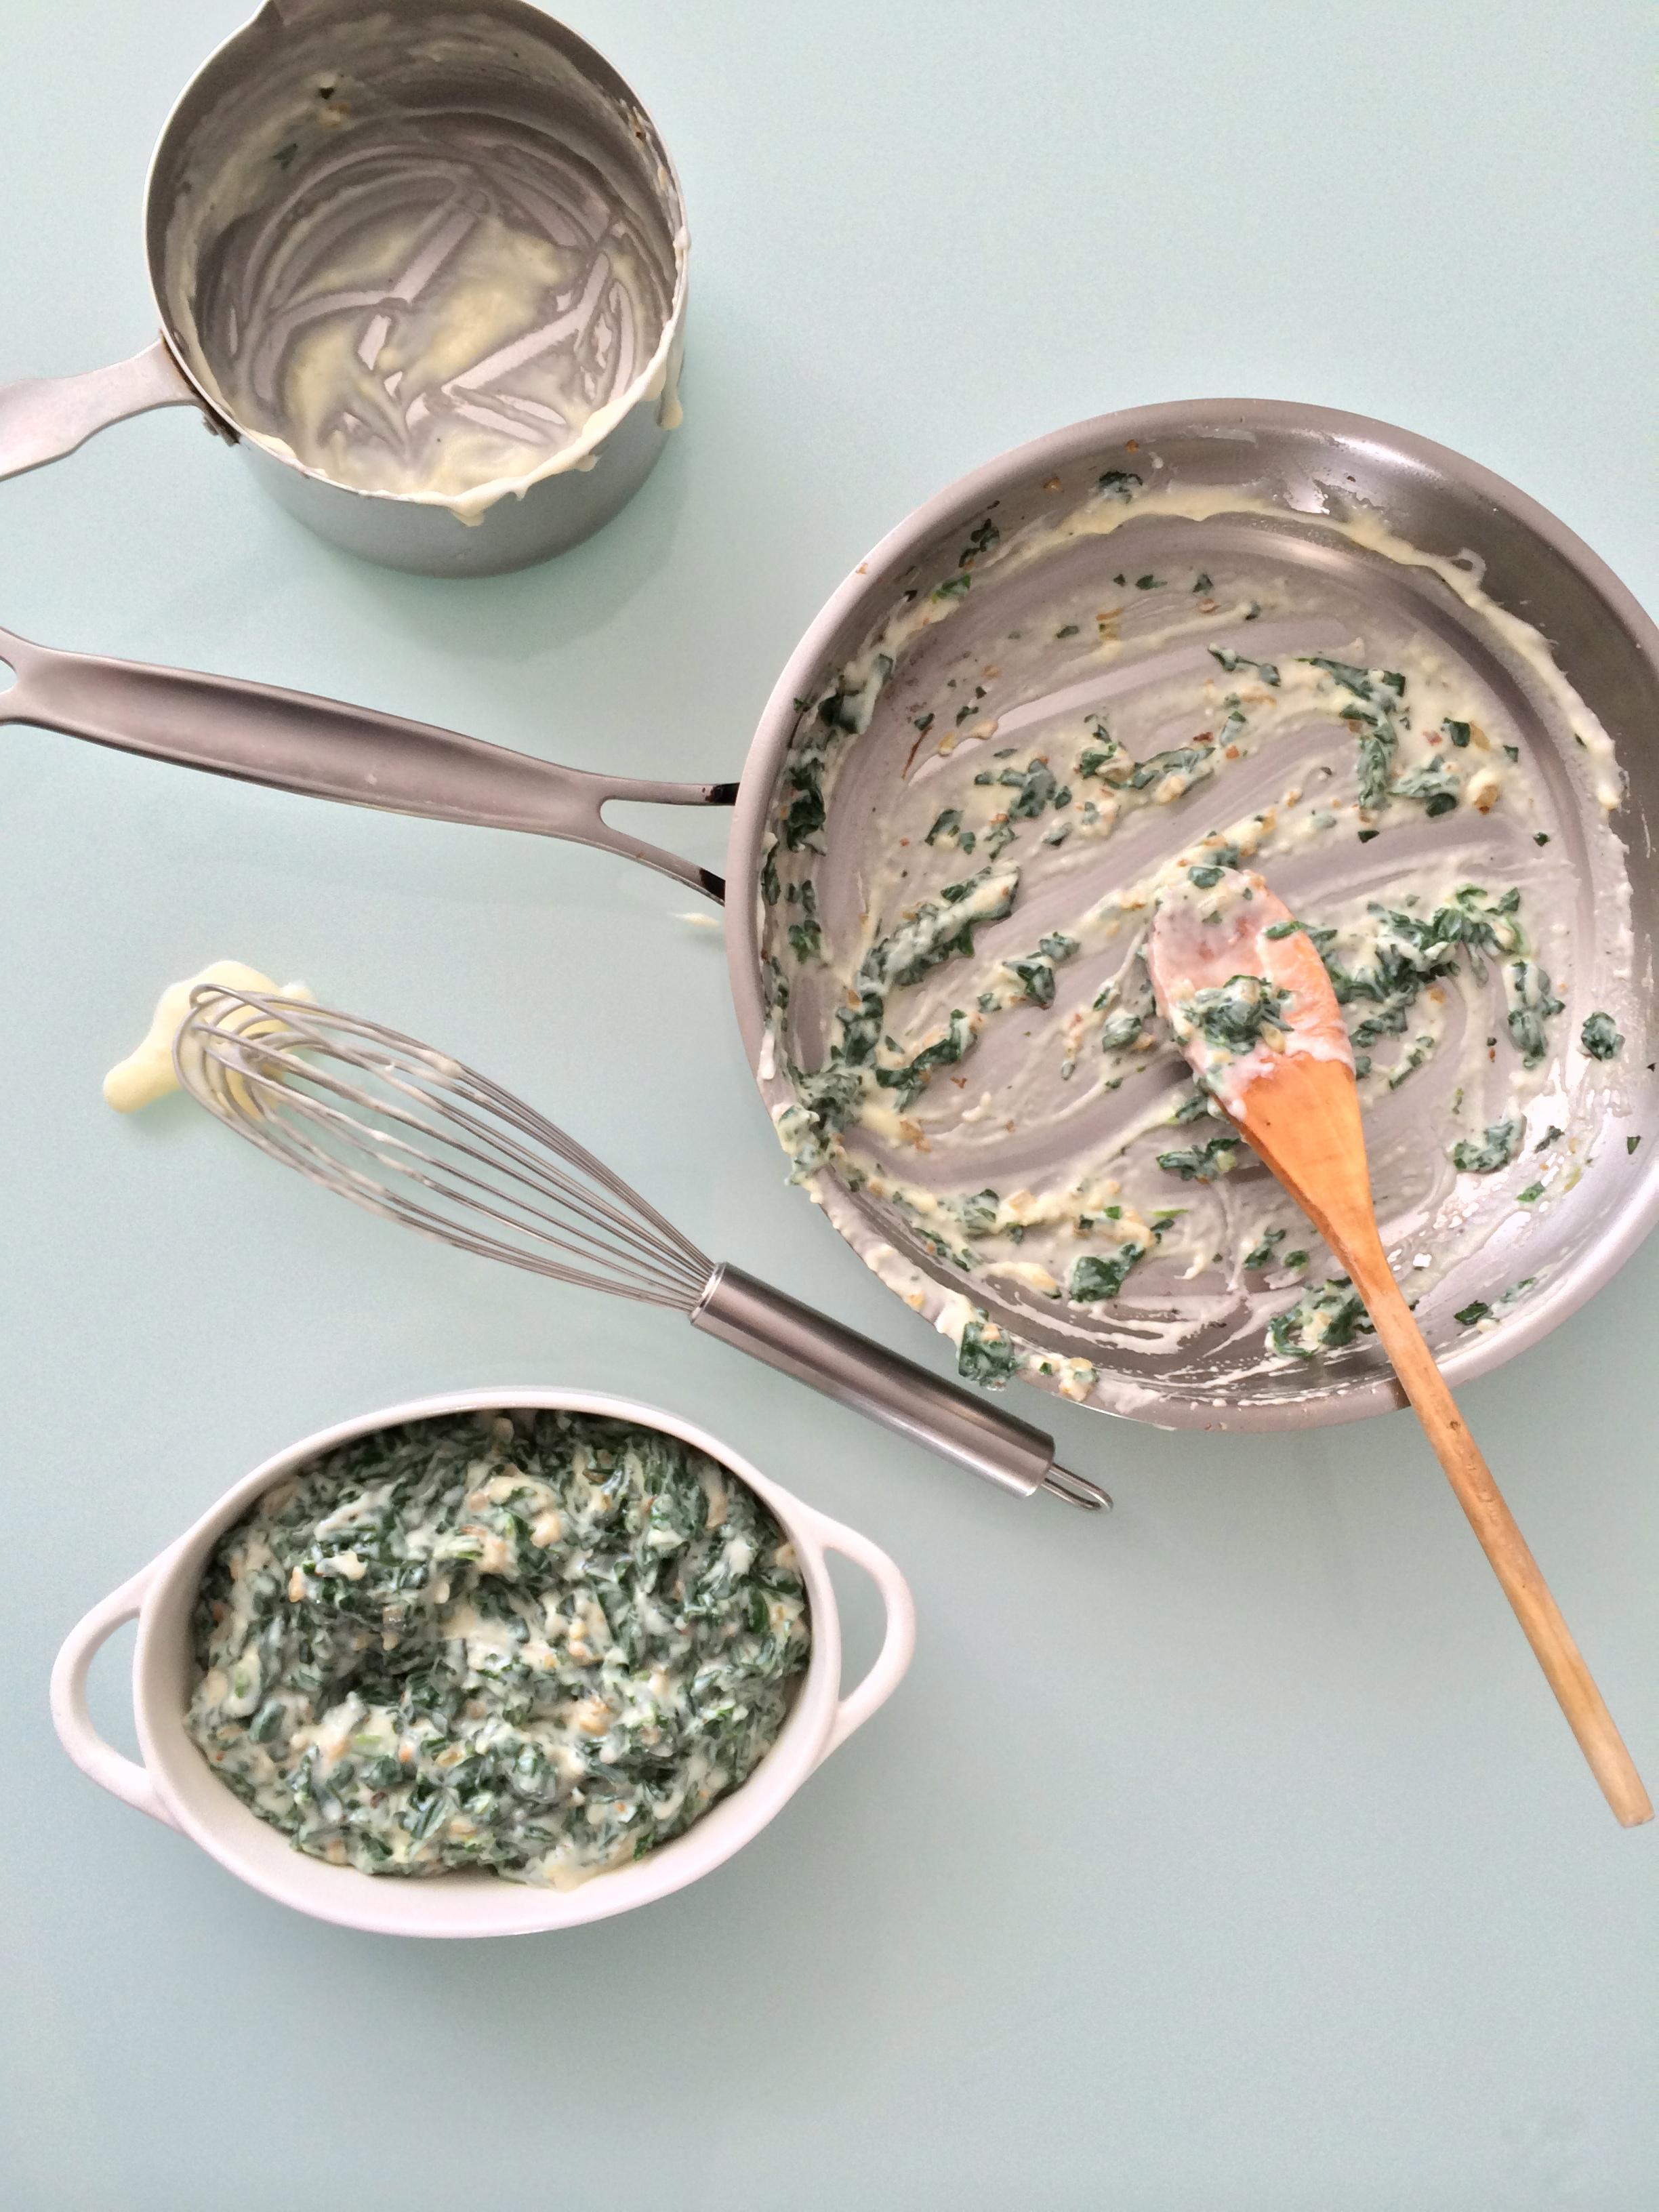 espinacas gratinadas con salsa blanca y queso